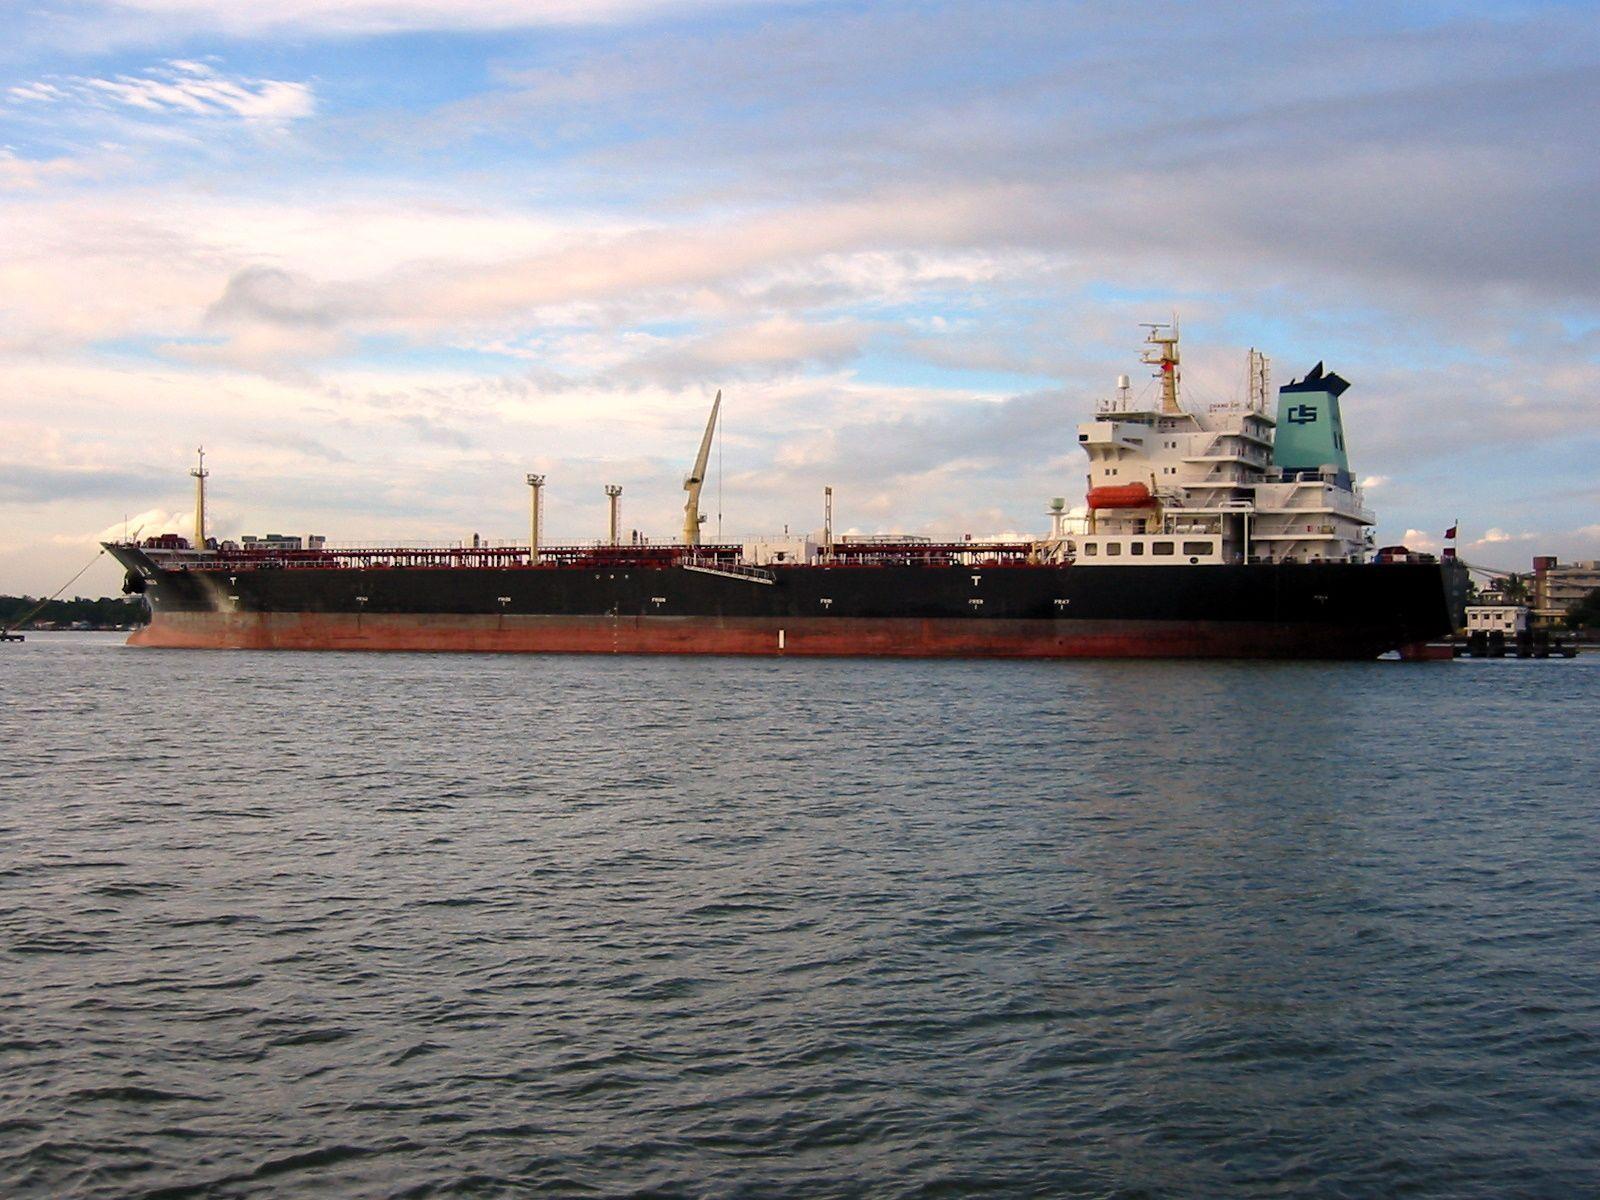 Oil_tanker_in_Japan